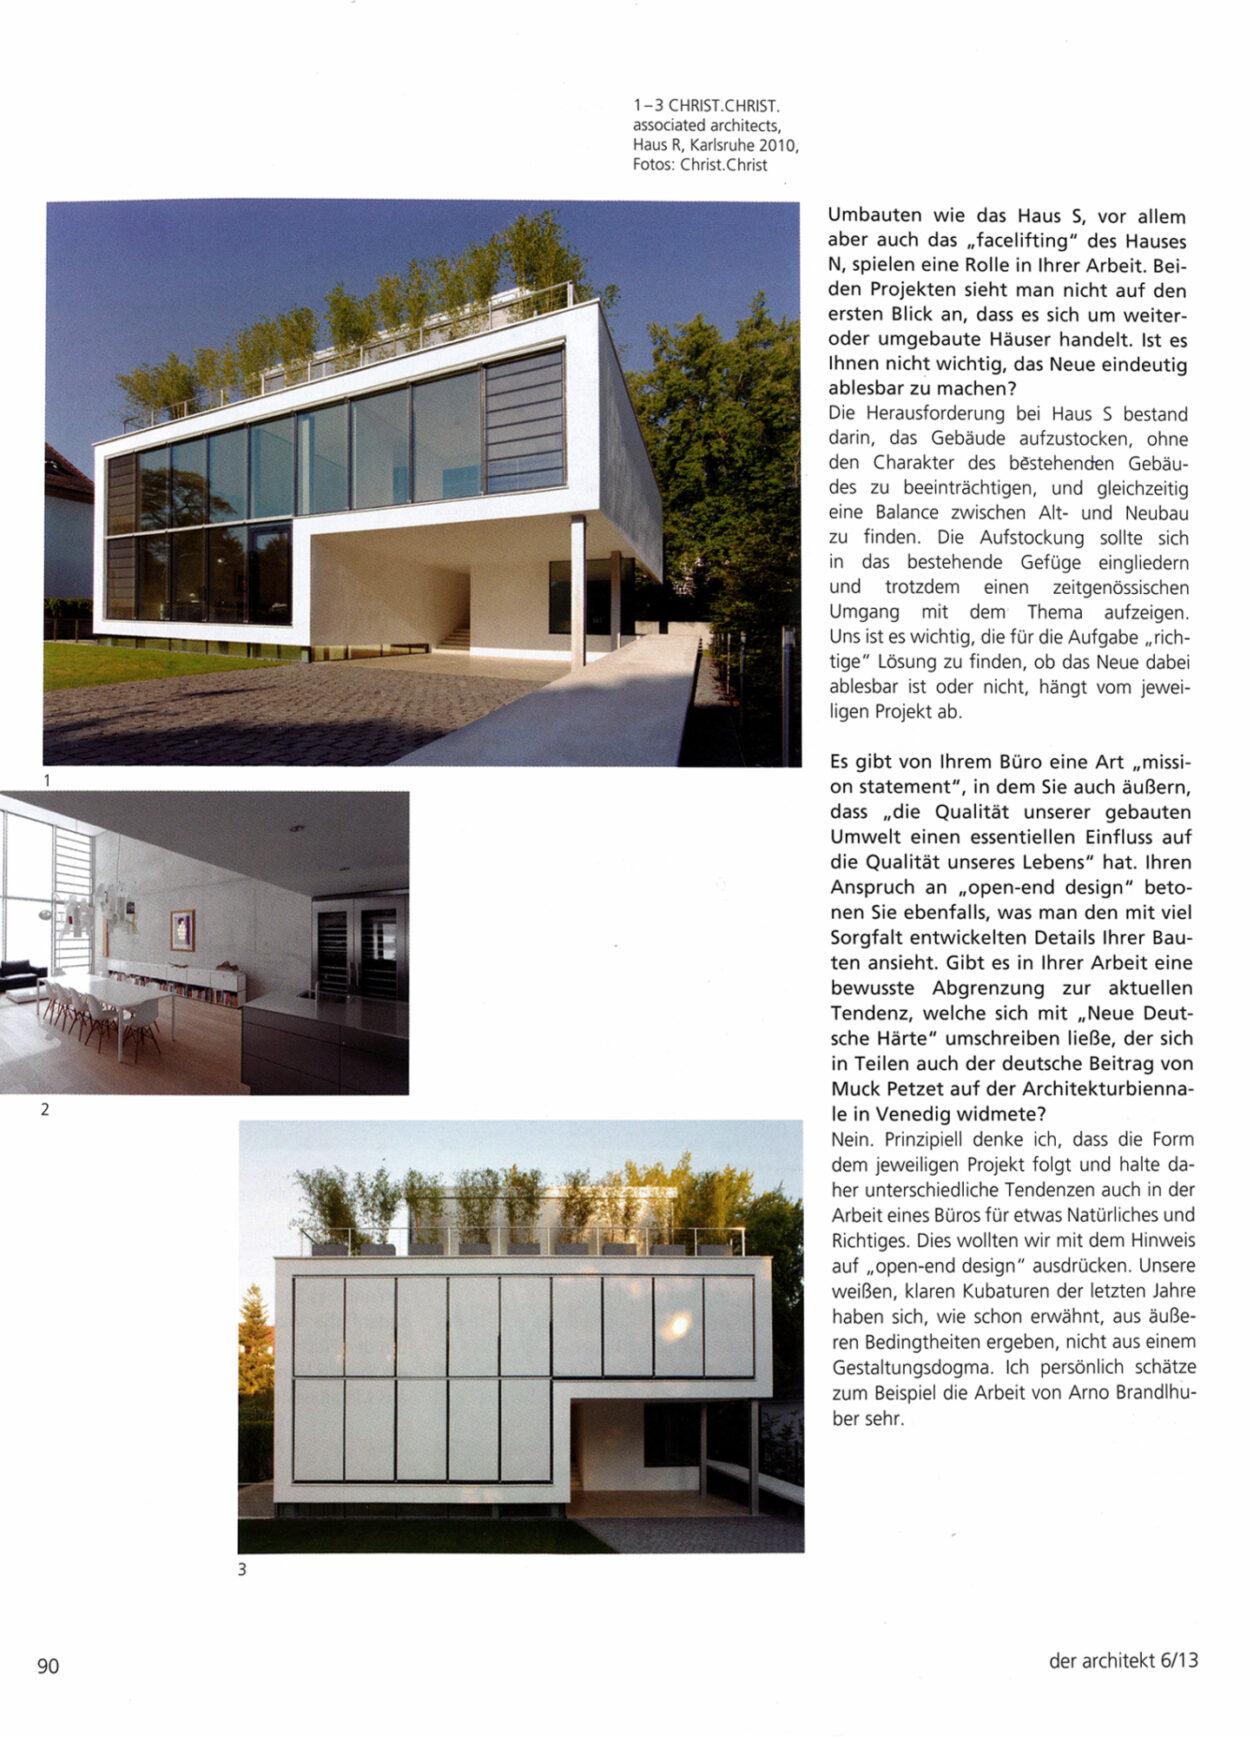 Der Architekt Der Gefuehlte Raum 04